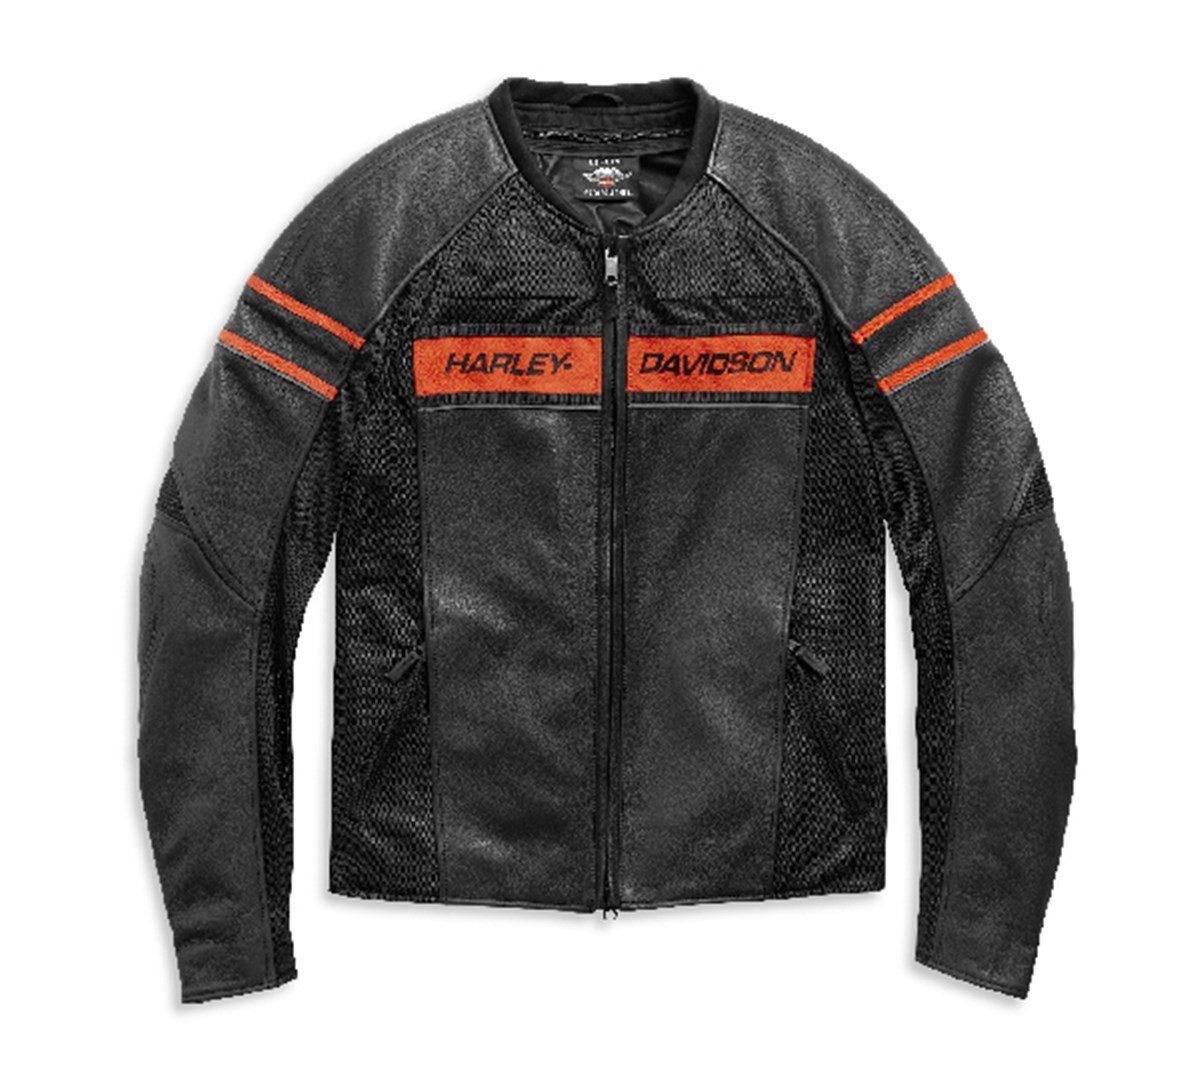 H98004-21EH Chaqueta De Cuero Brawler Harley-Davidson